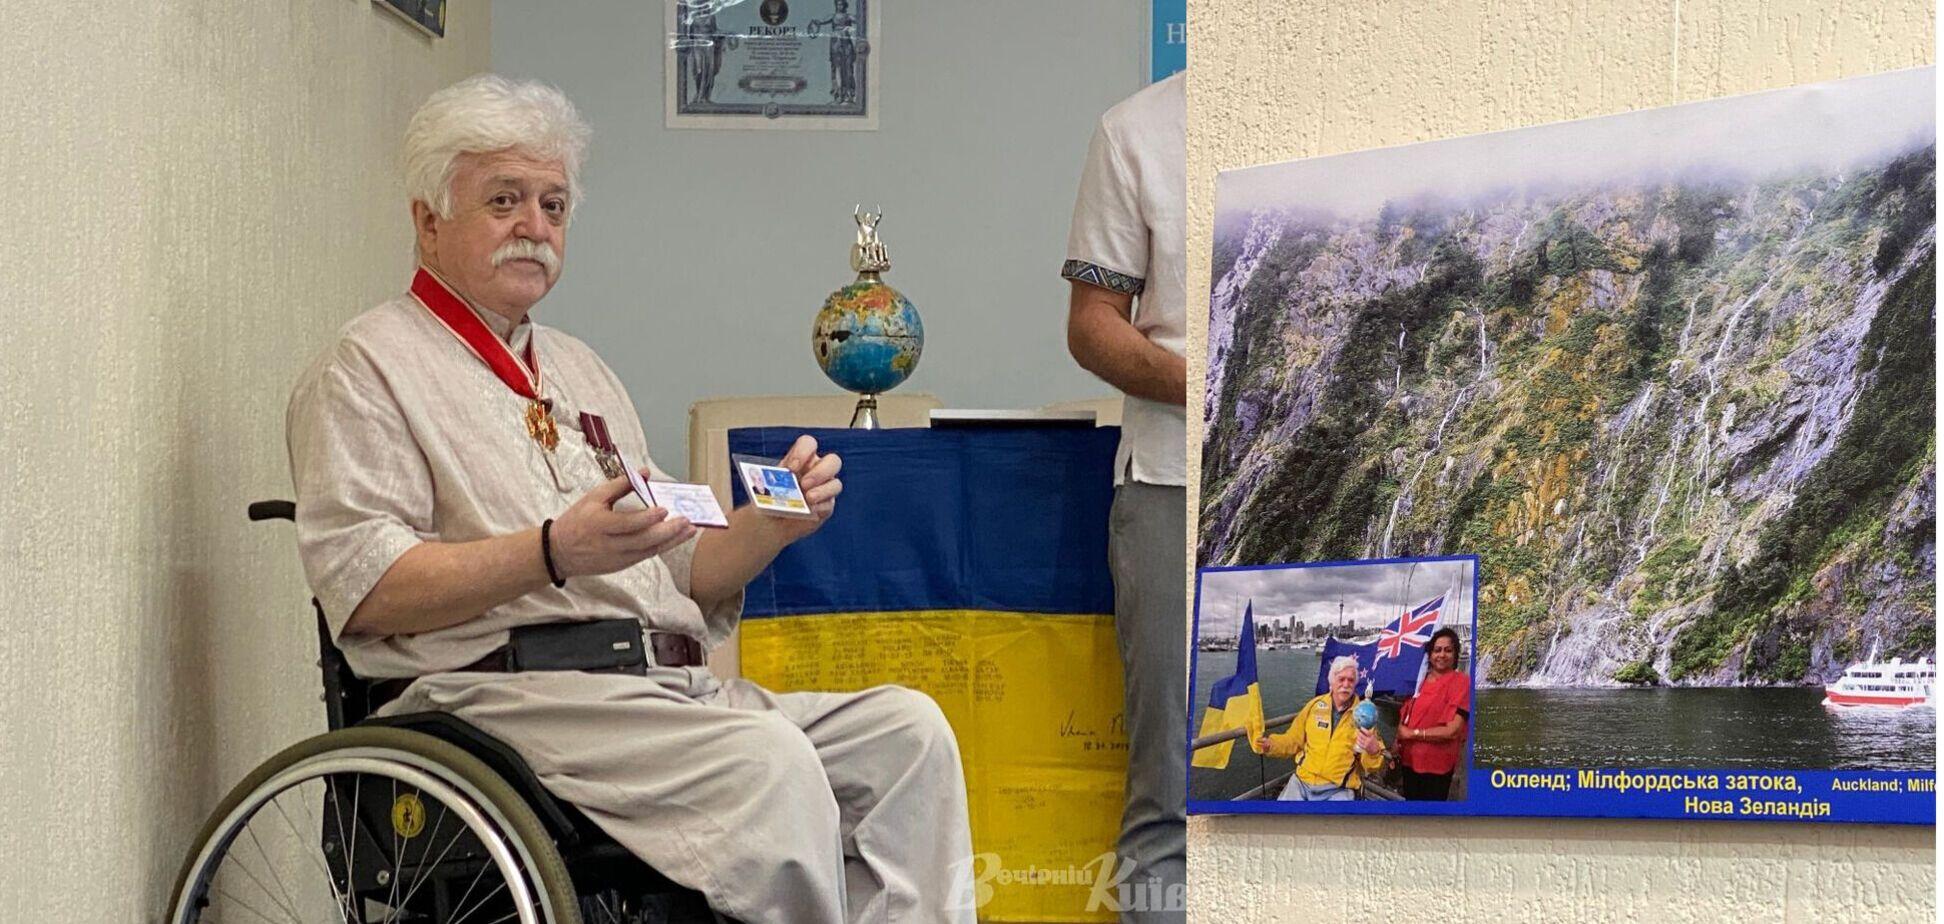 Легендарный киевлянин на инвалидной коляске посетил 70 стран и делает удивительные фото своих путешествий